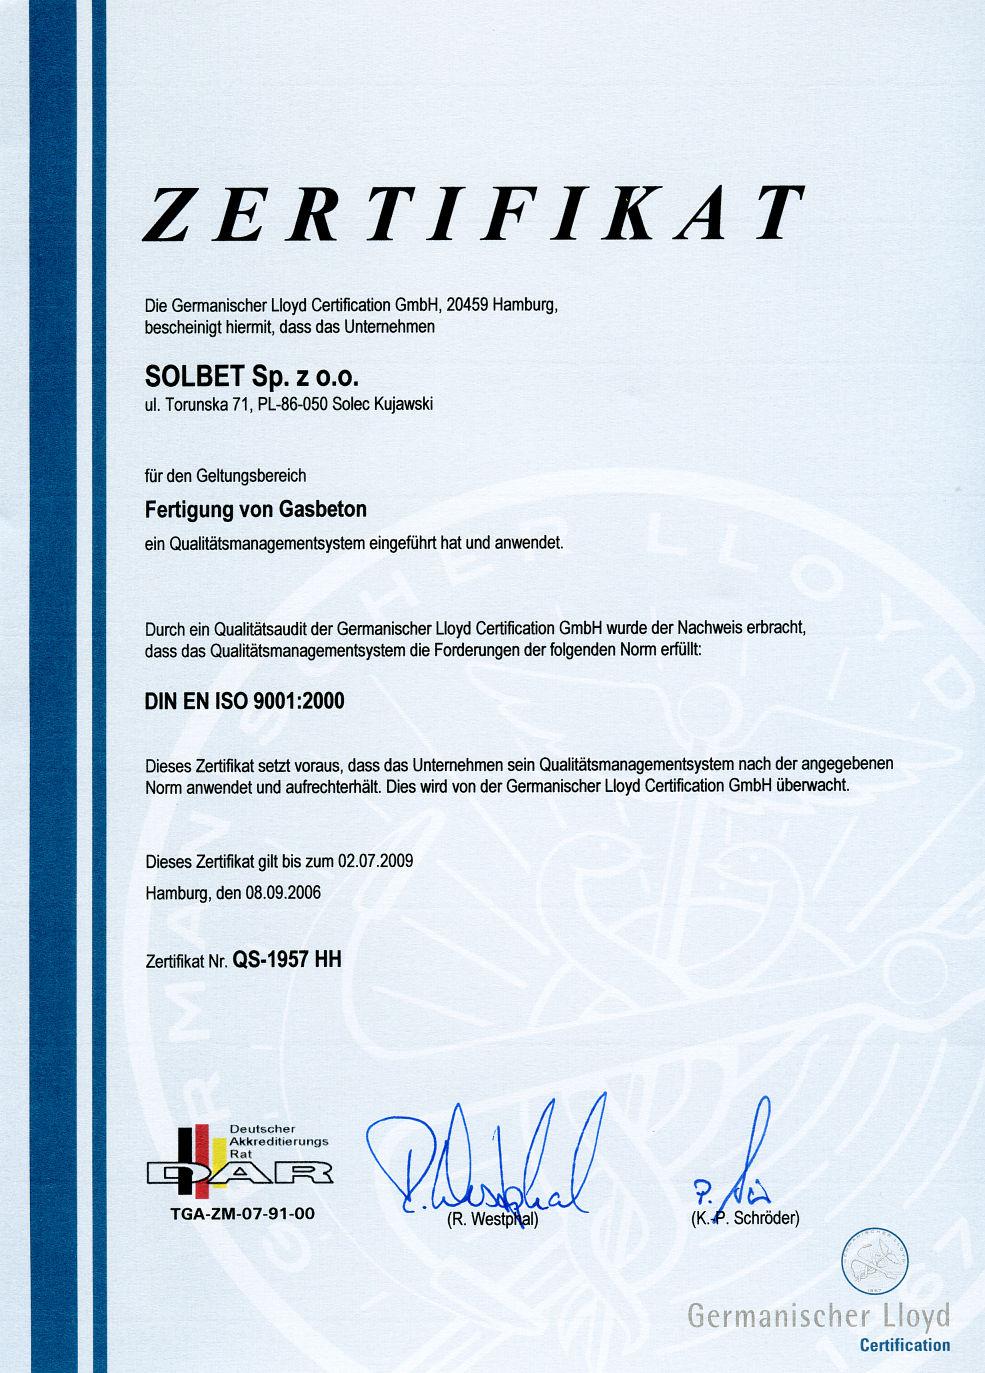 Zertifikat über das Qualitätsmanagement